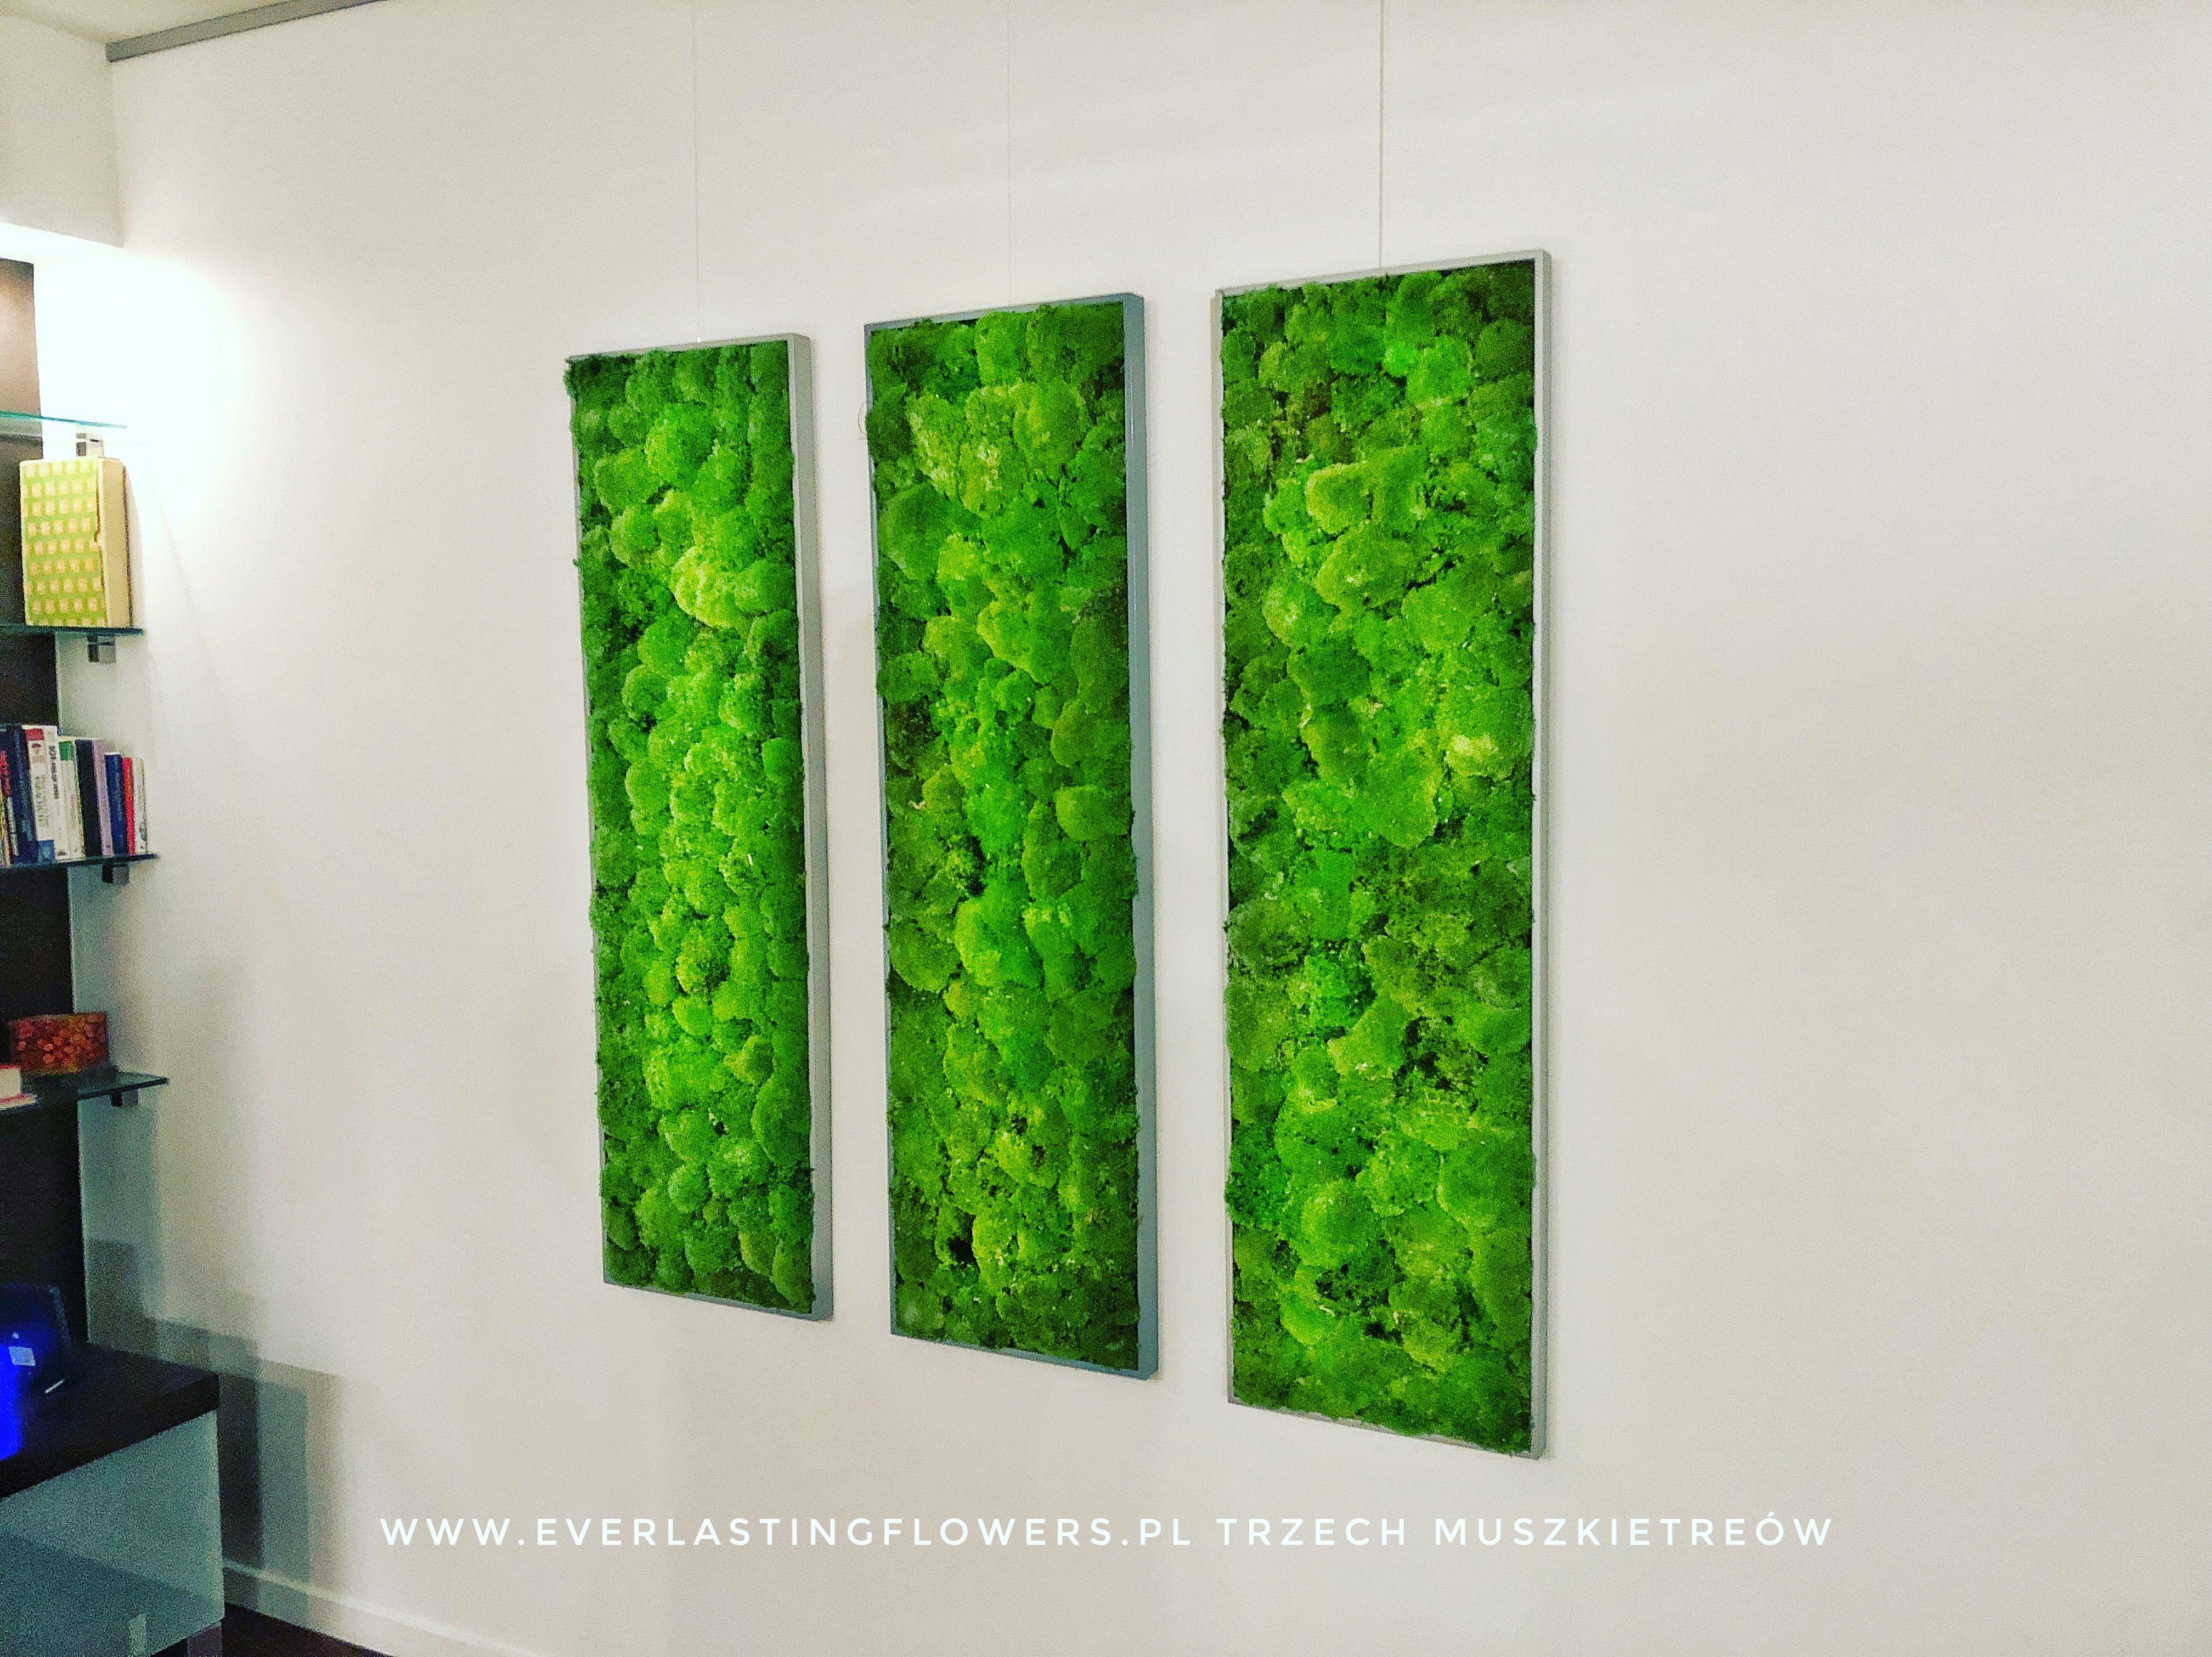 Moss Decor Wall Decor Diy Paint Moss Decor Moss Wall Art